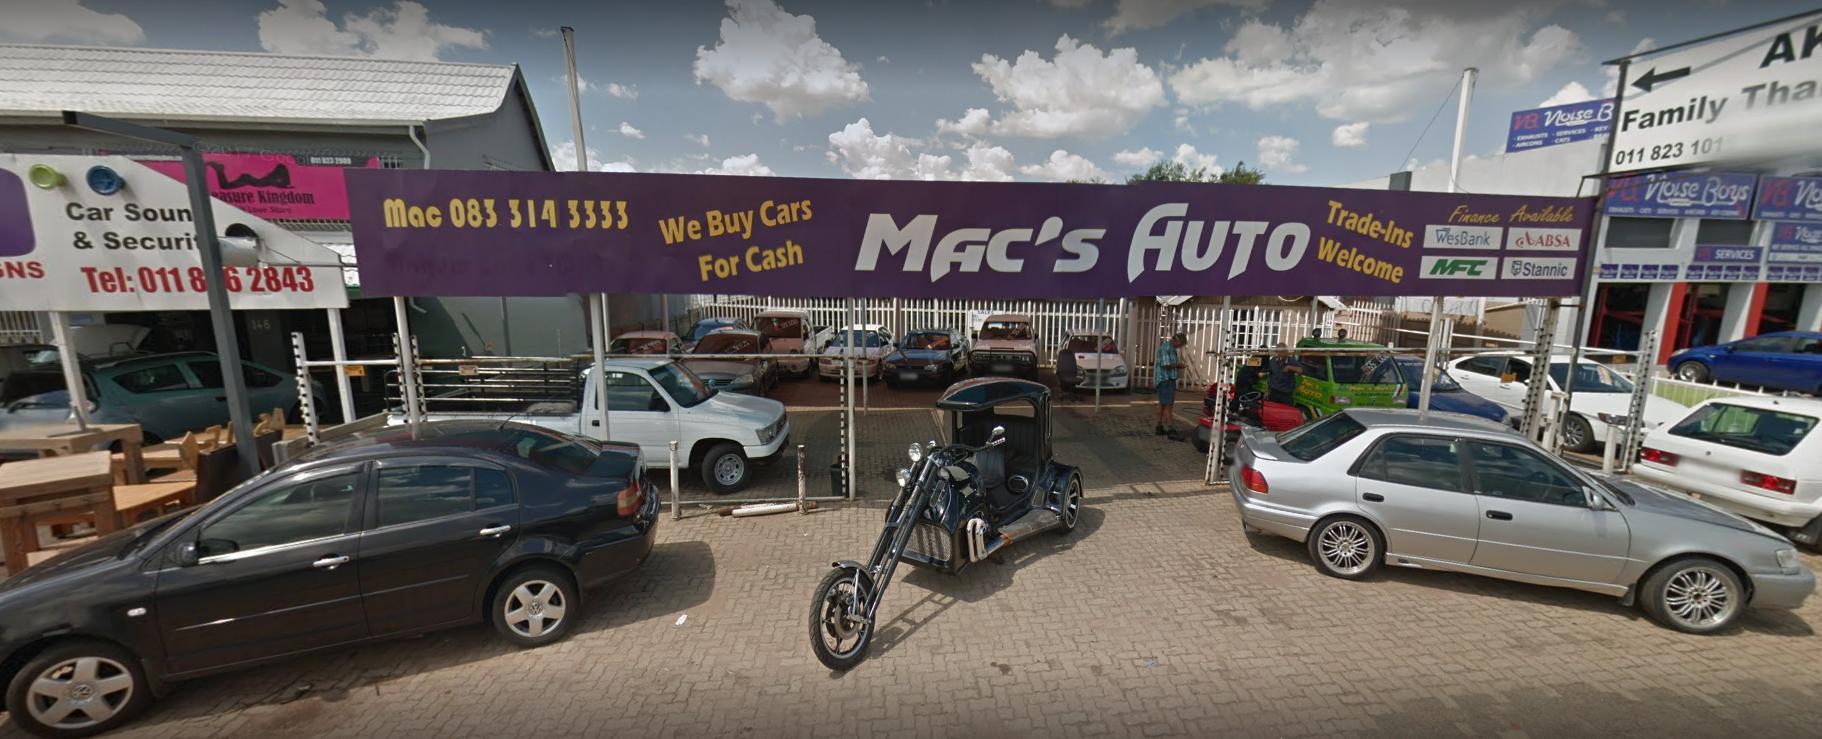 Macs Auto